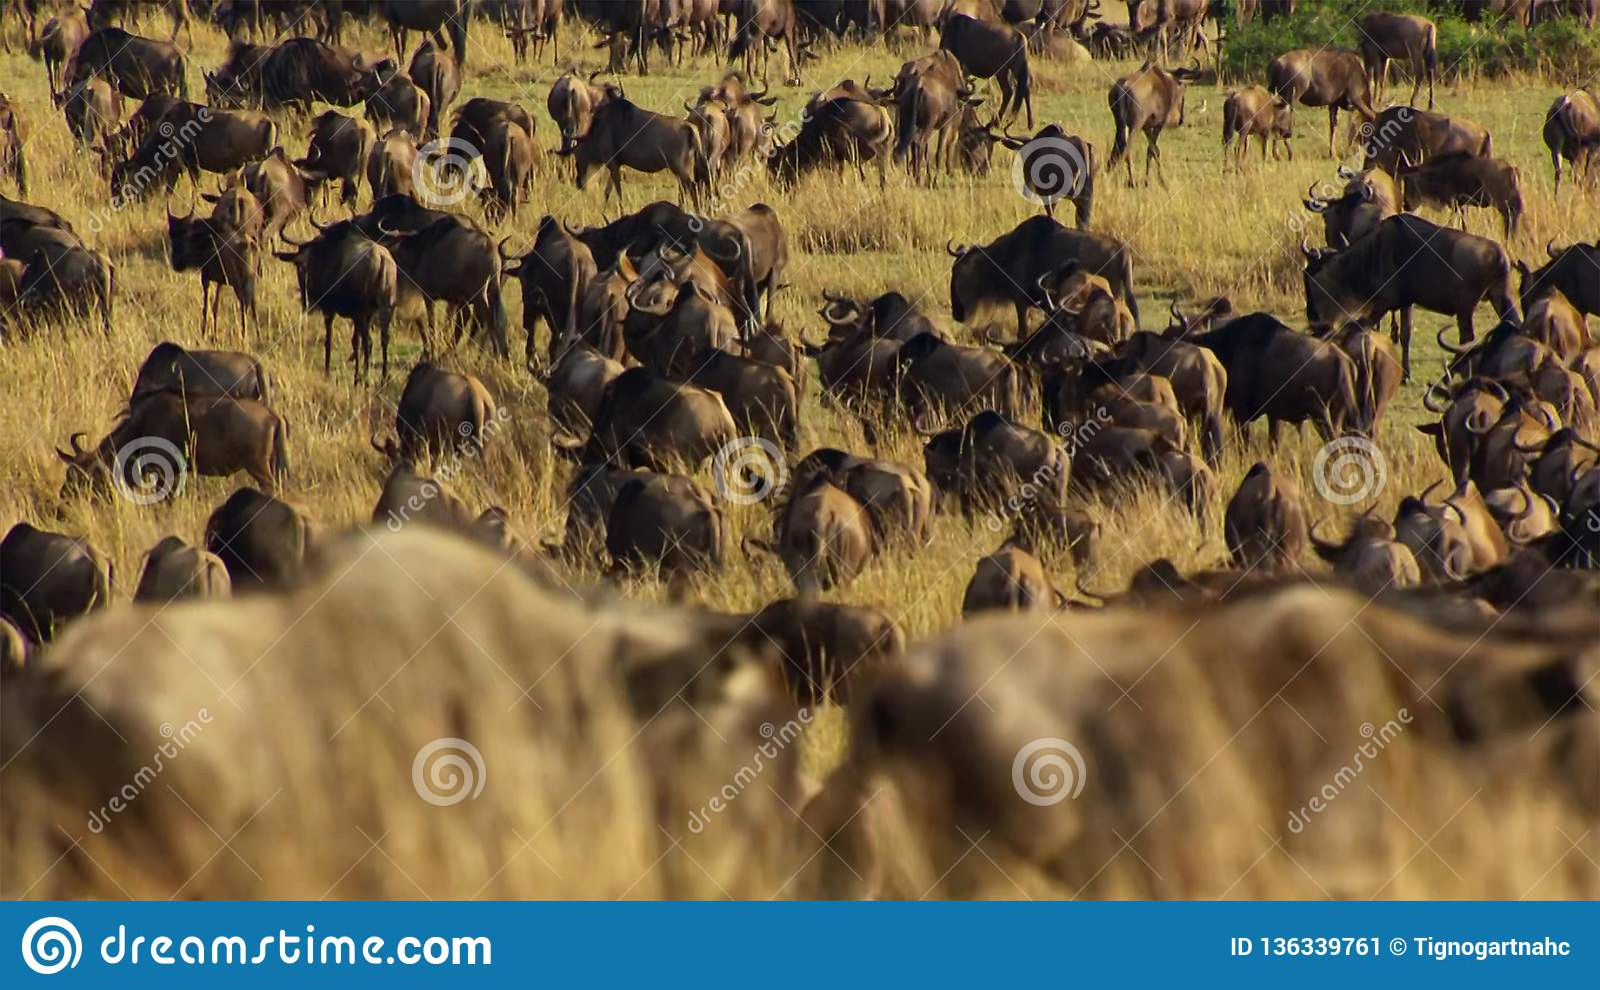 Une saison sèche prend la prise Pour éviter la famine, beaucoup le gnou errent la savane africaine est chassant la pluie